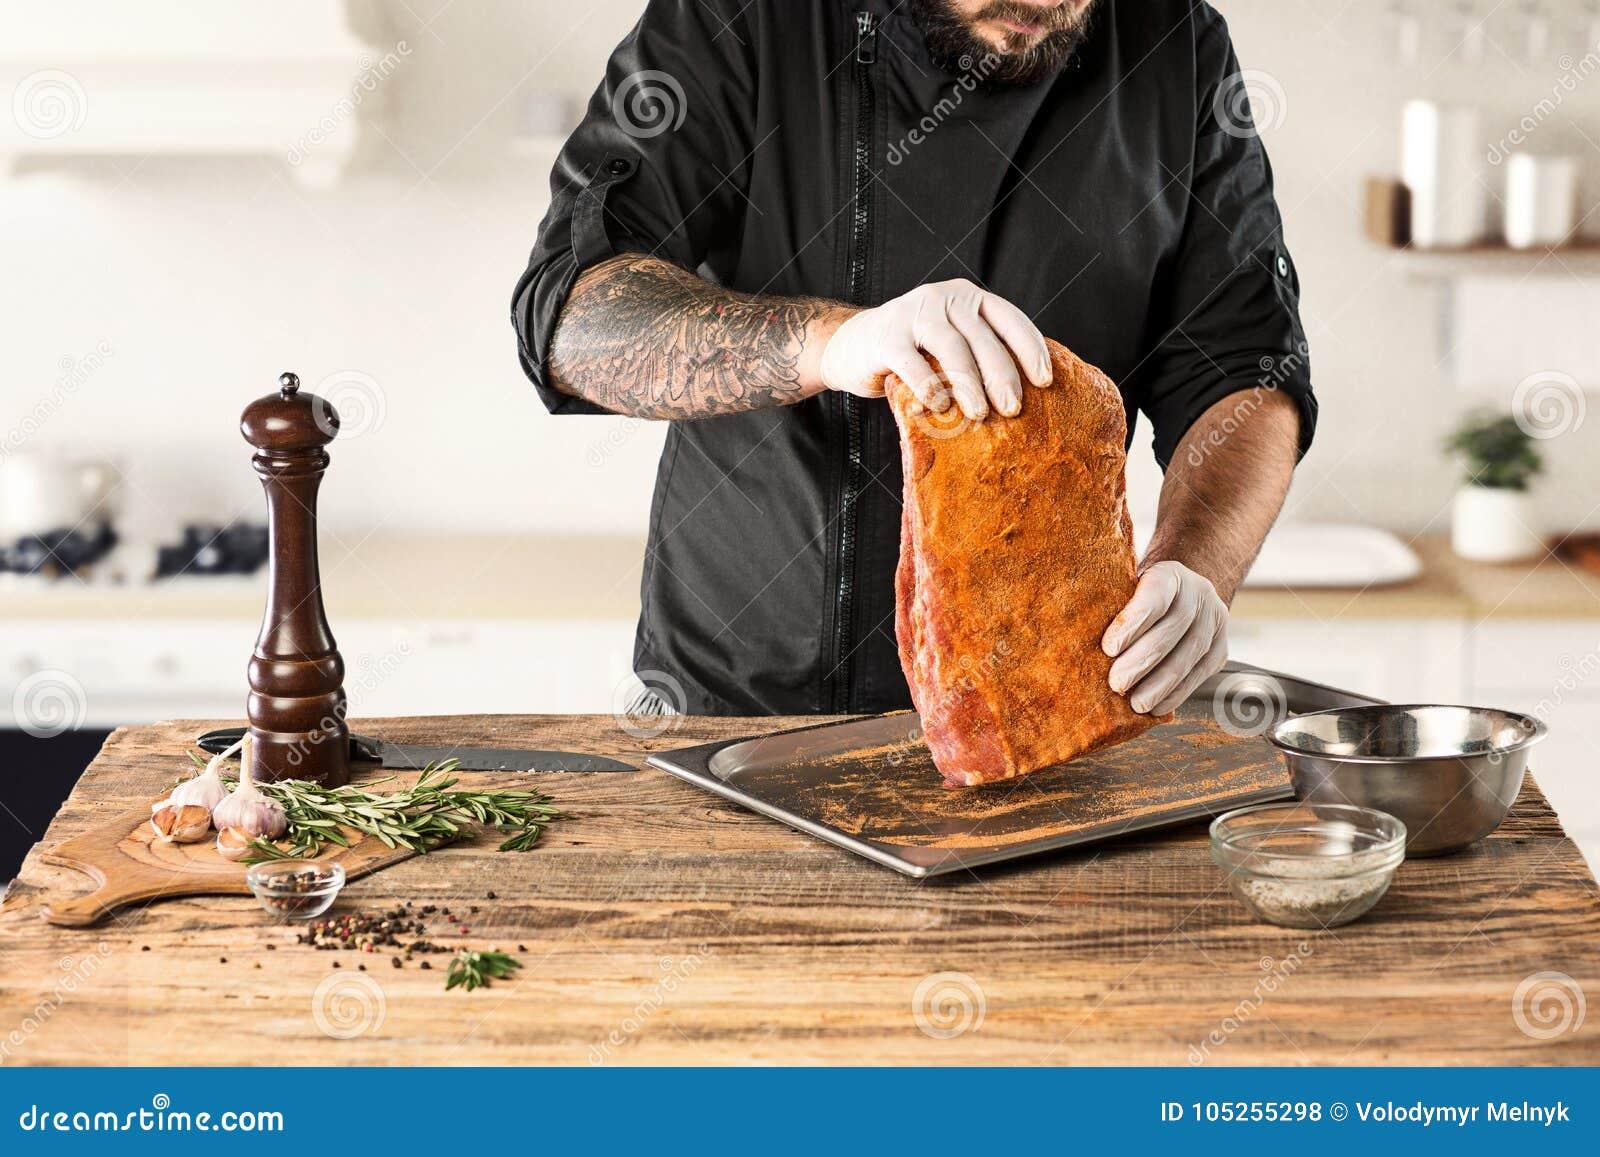 Mężczyzna kulinarny mięsny stek na kuchni